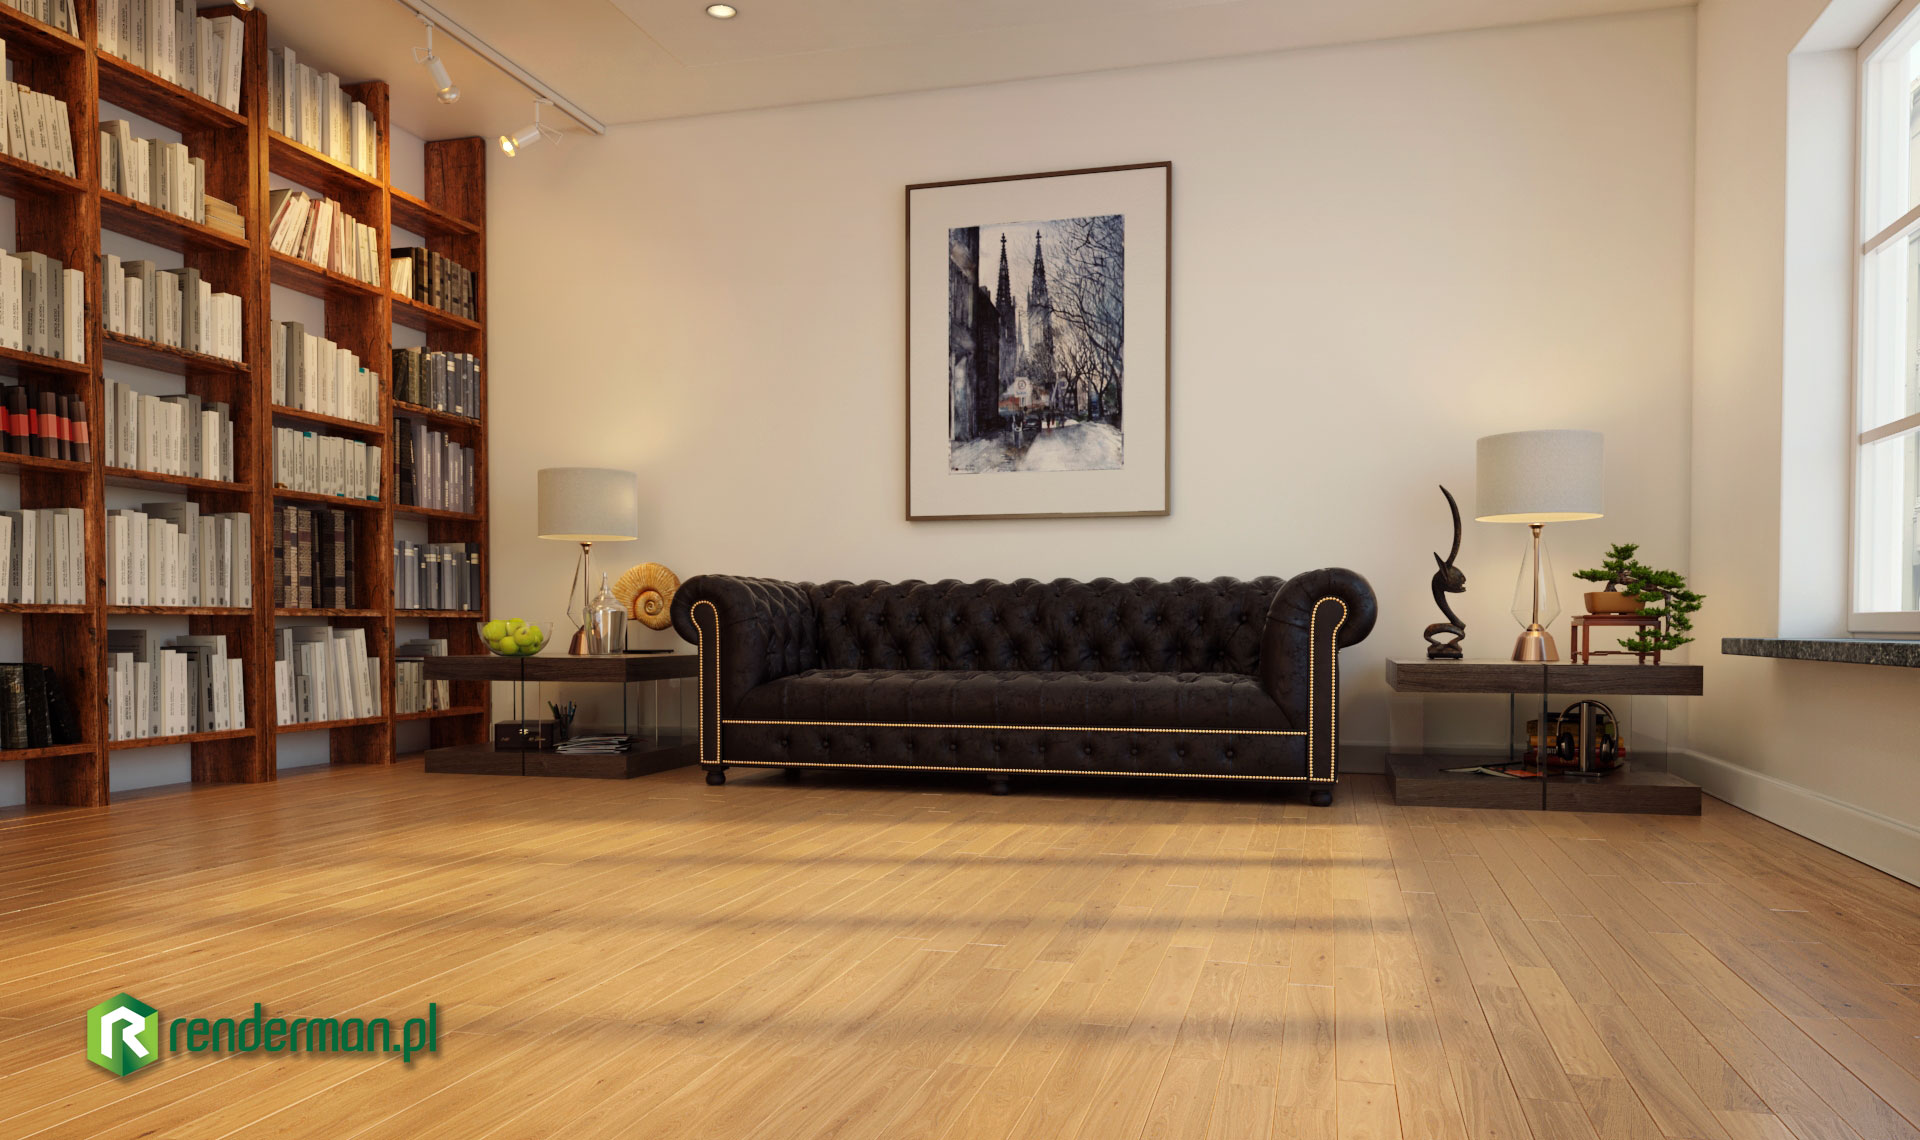 Library rendering, interior rendering , rendering 3D